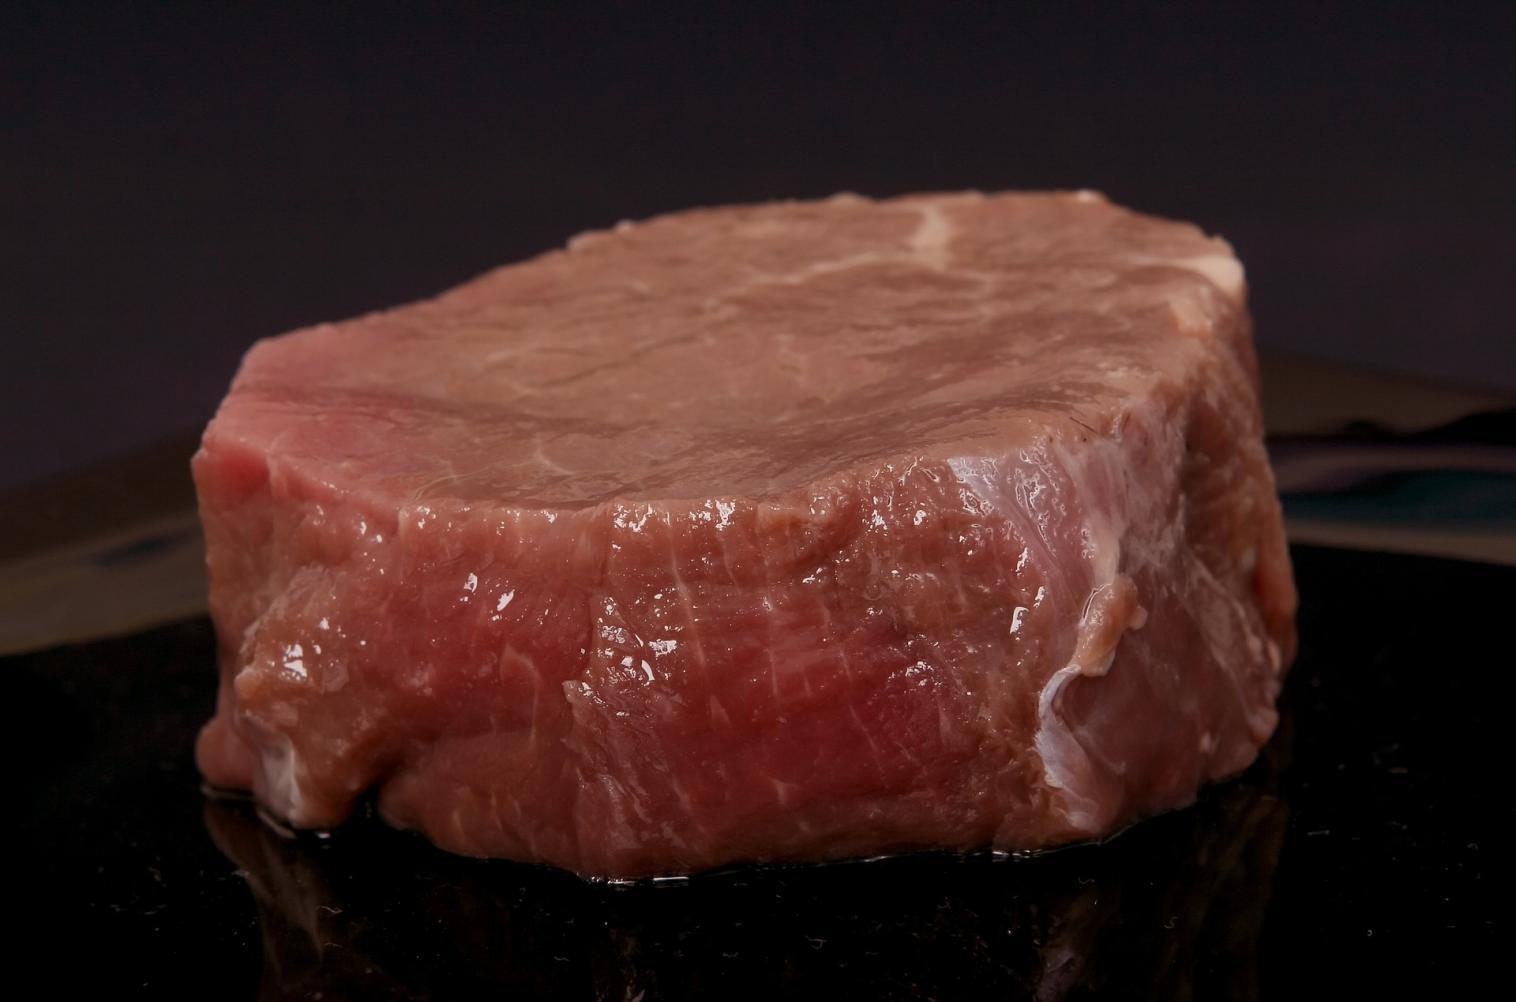 Gosta de comer carne crua? Veja quais são os riscos desse hábito